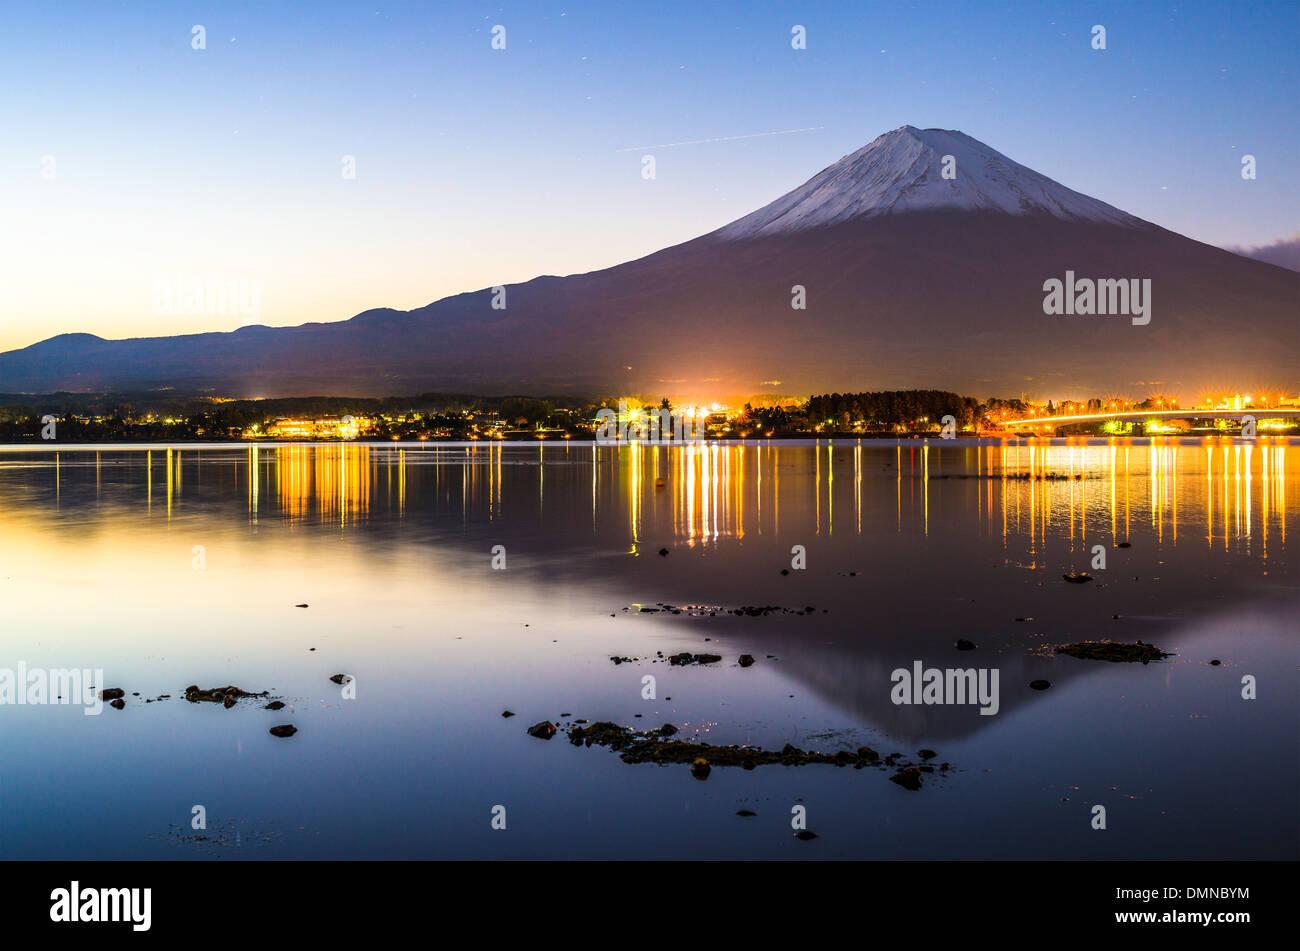 Mt. Fuji au crépuscule sur le lac Kawaguchi au Japon. Photo Stock